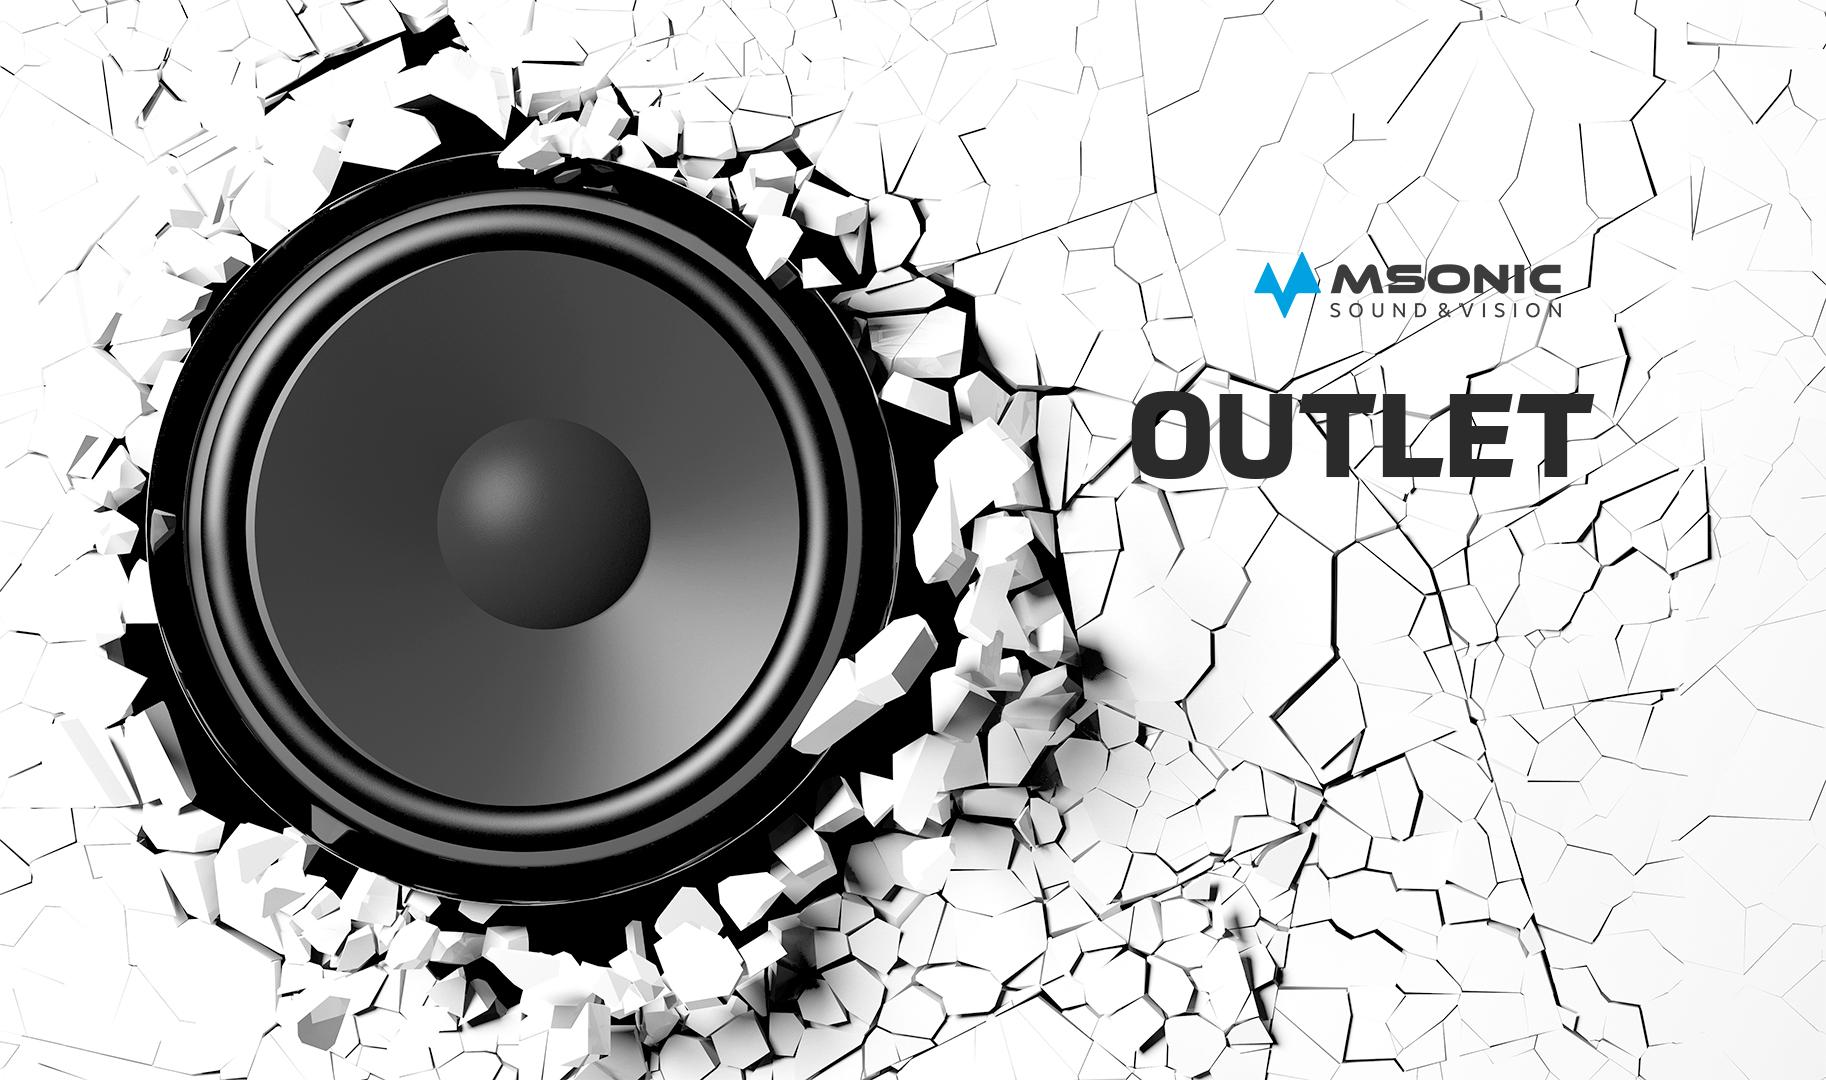 outlet-studiotekniikka